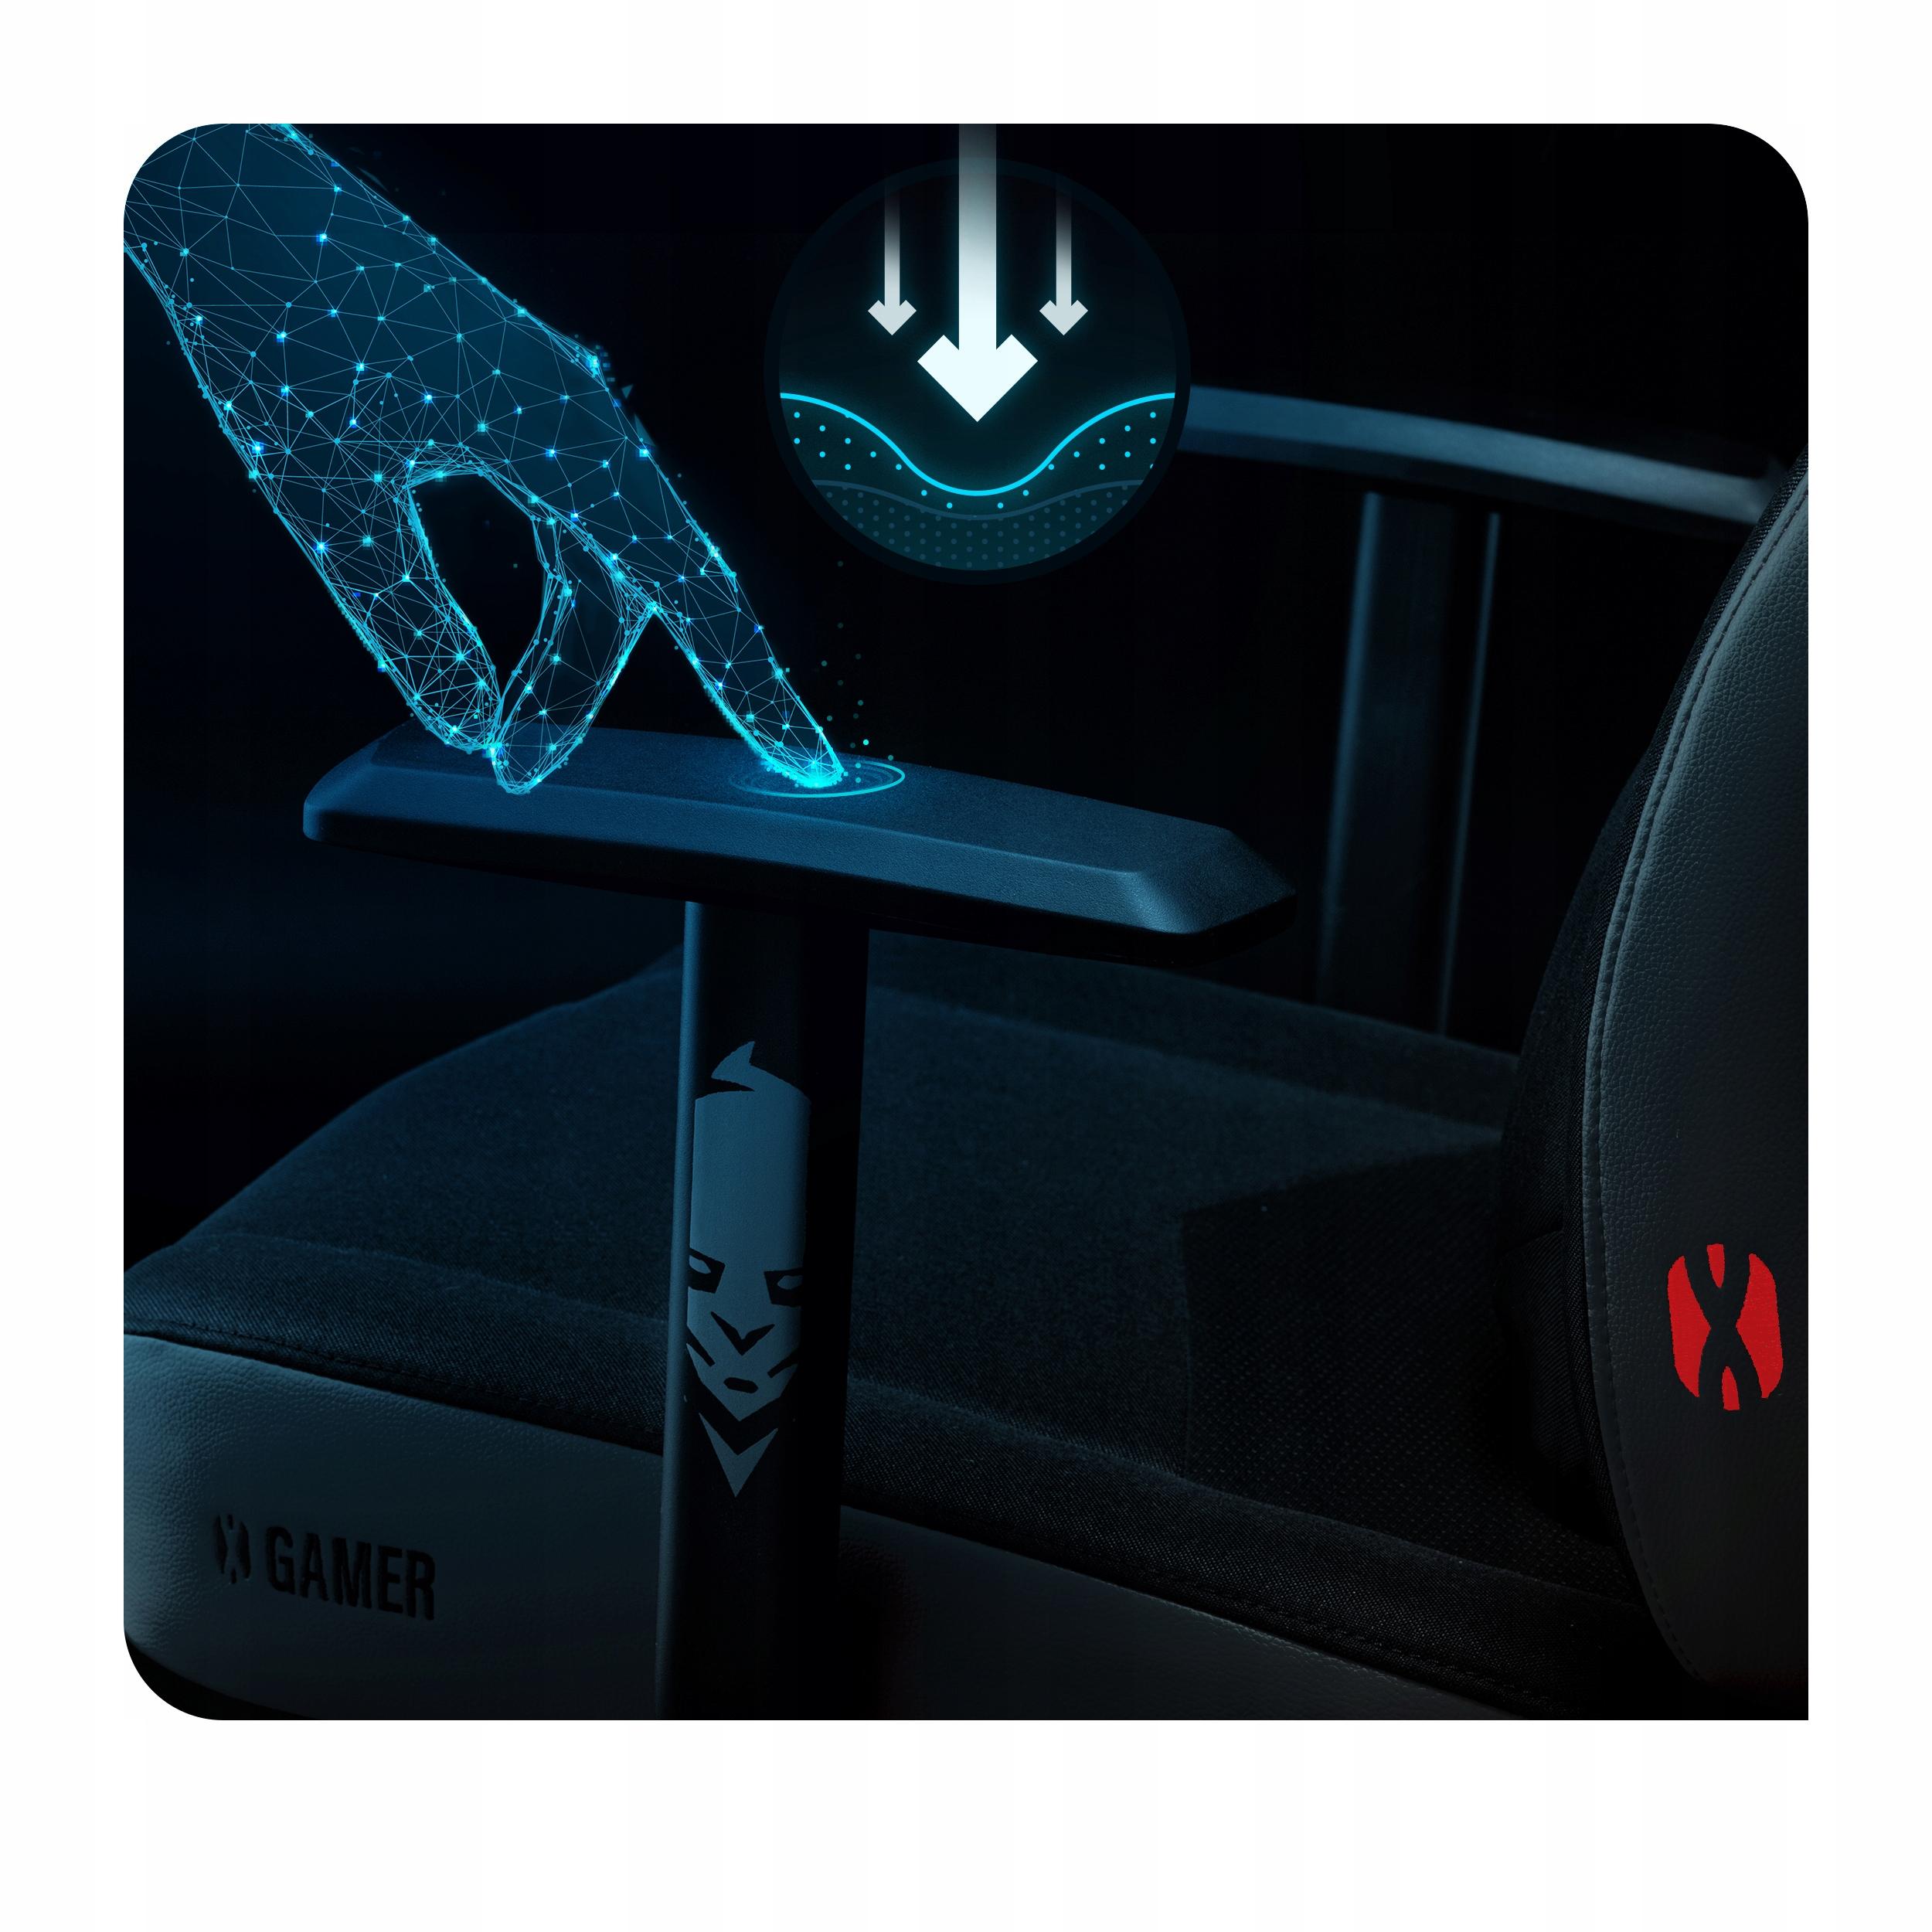 DIABLO X-GAMER ИГРОВОЕ КРЕСЛО для игрока OFFICE Глубина сиденья 55 см